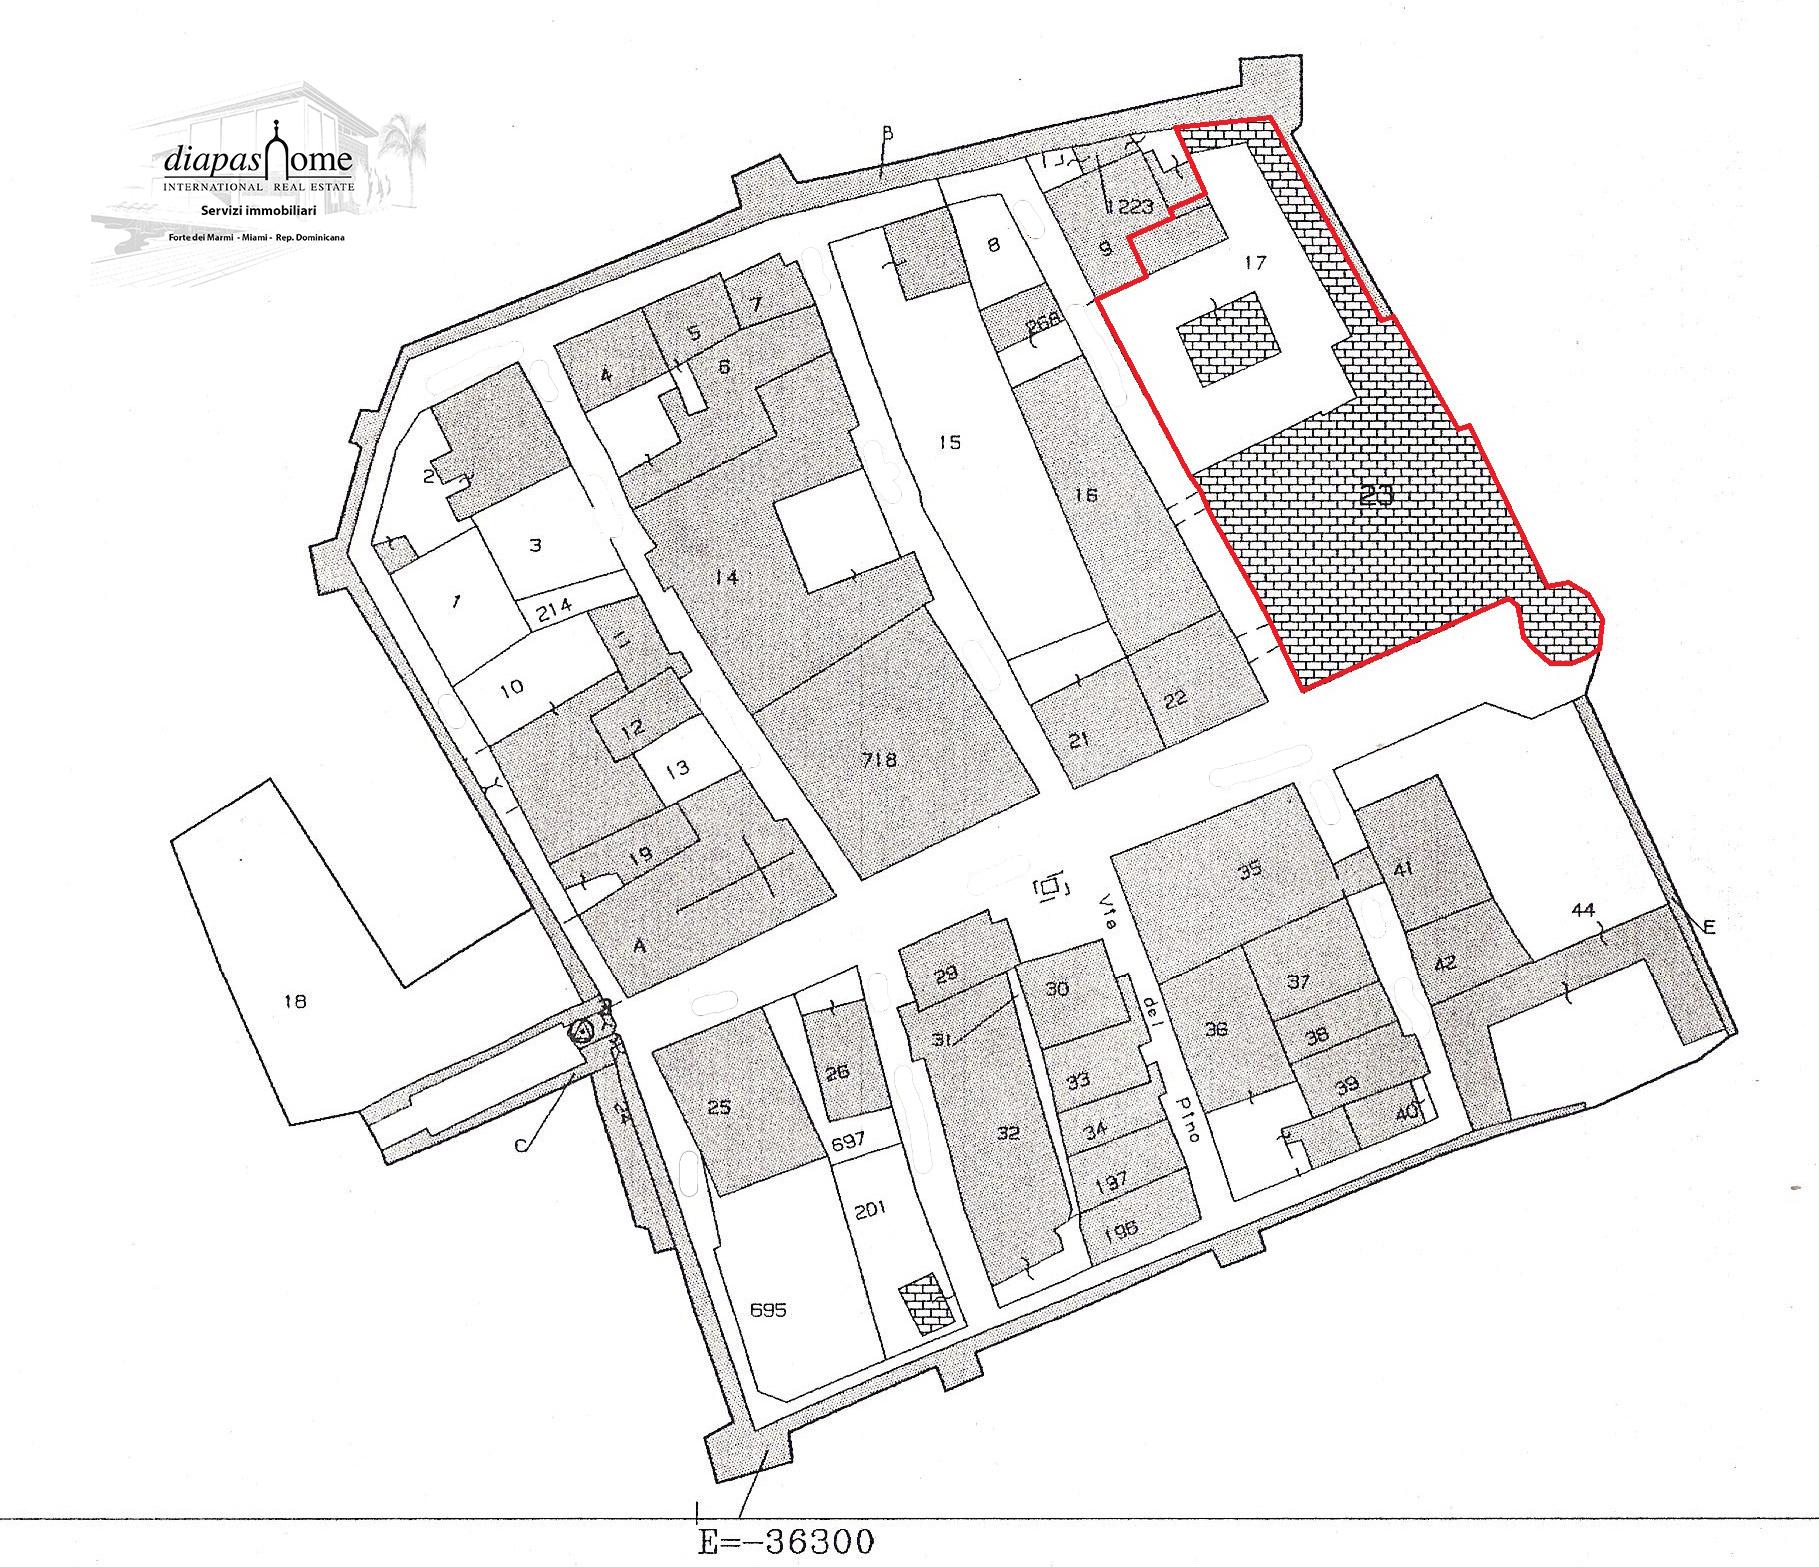 Castello,Umbria,diapashome,planimetria,1